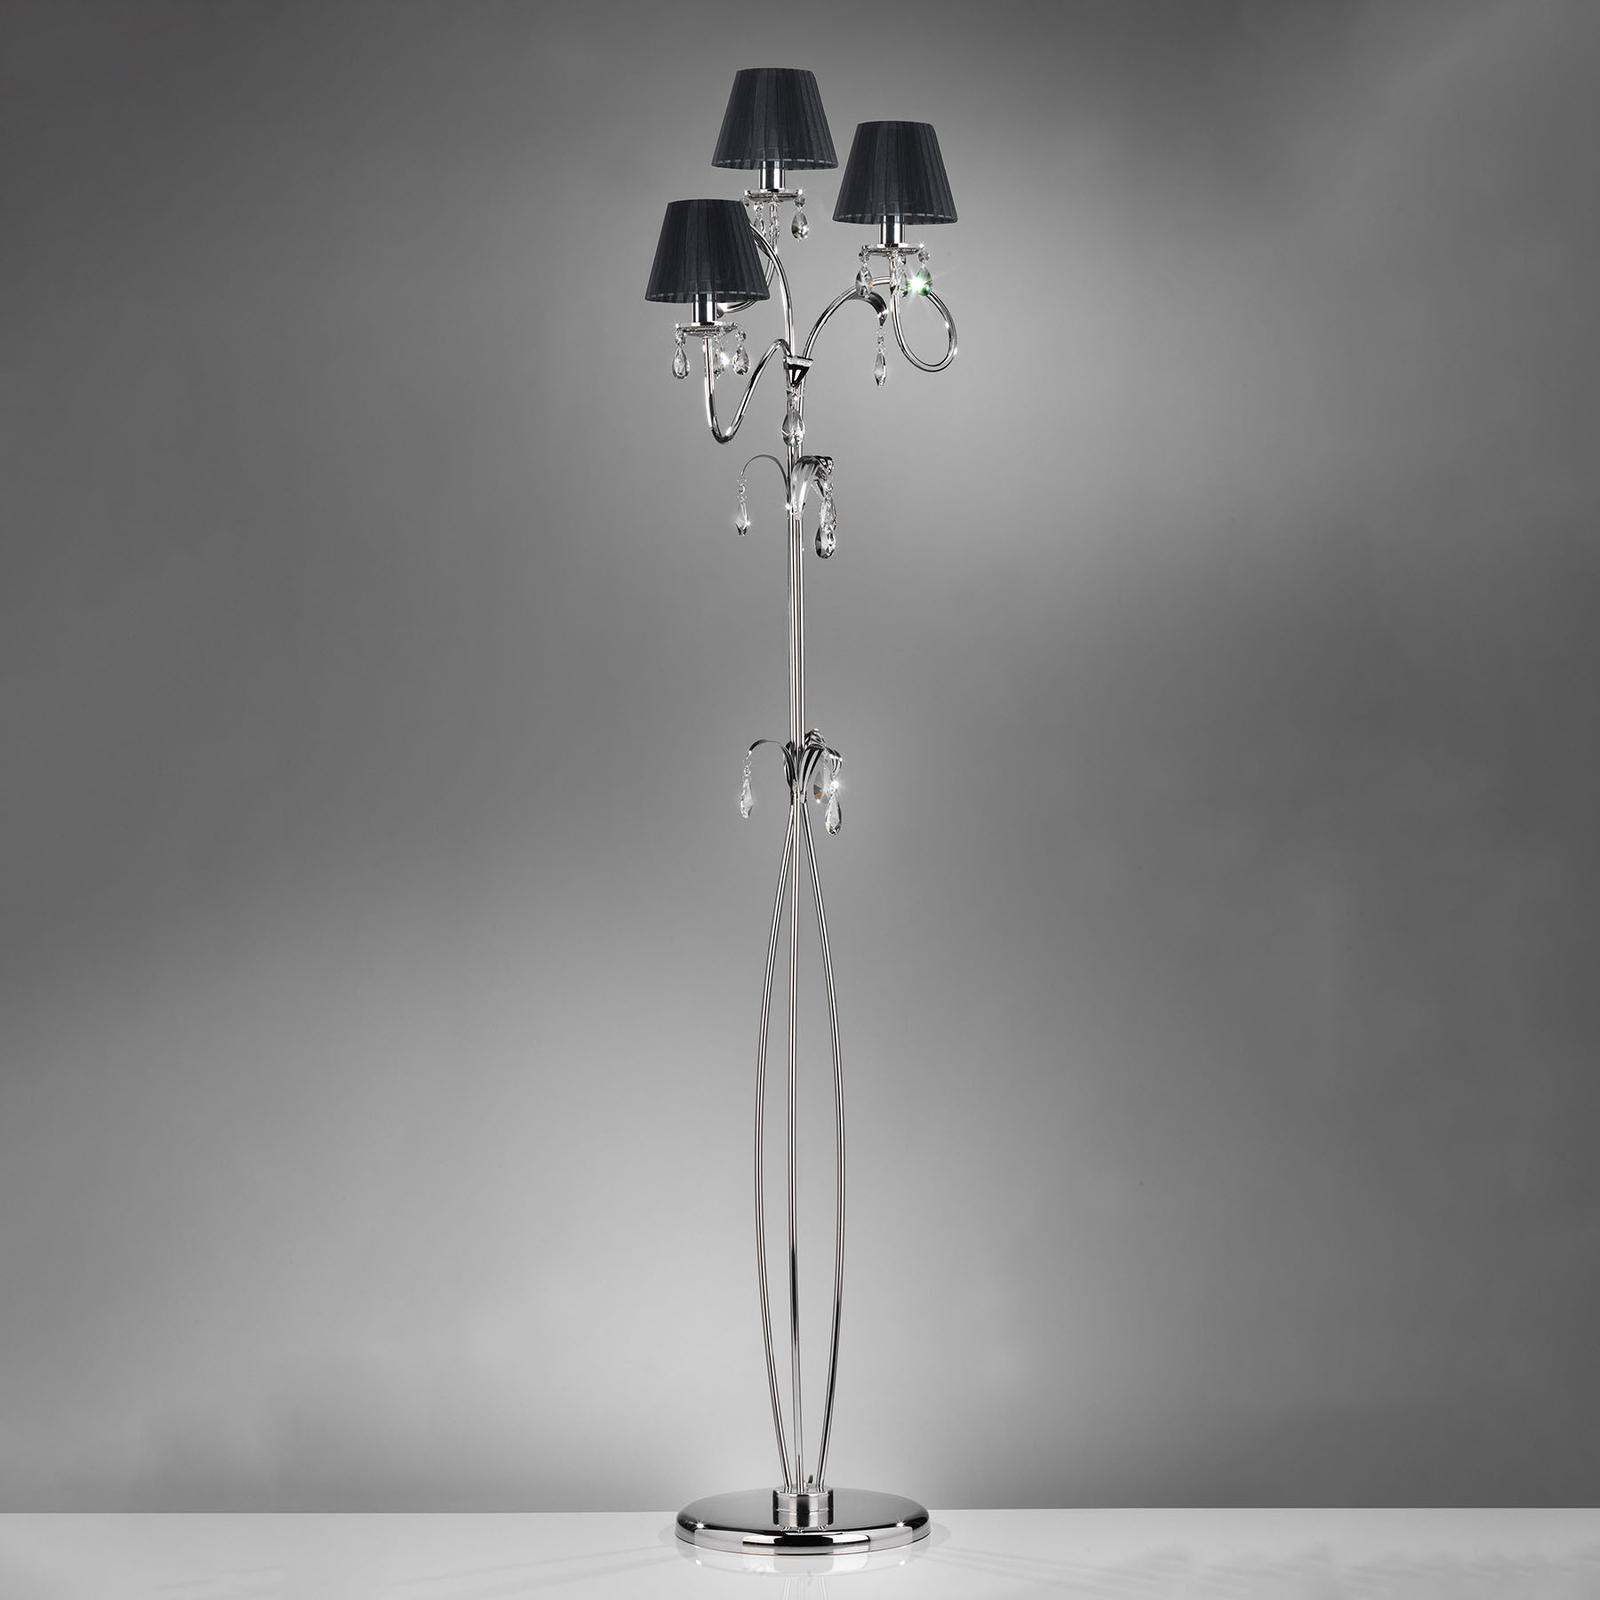 Lattiavalaisin Jacqueline, 3-lamppuinen, musta